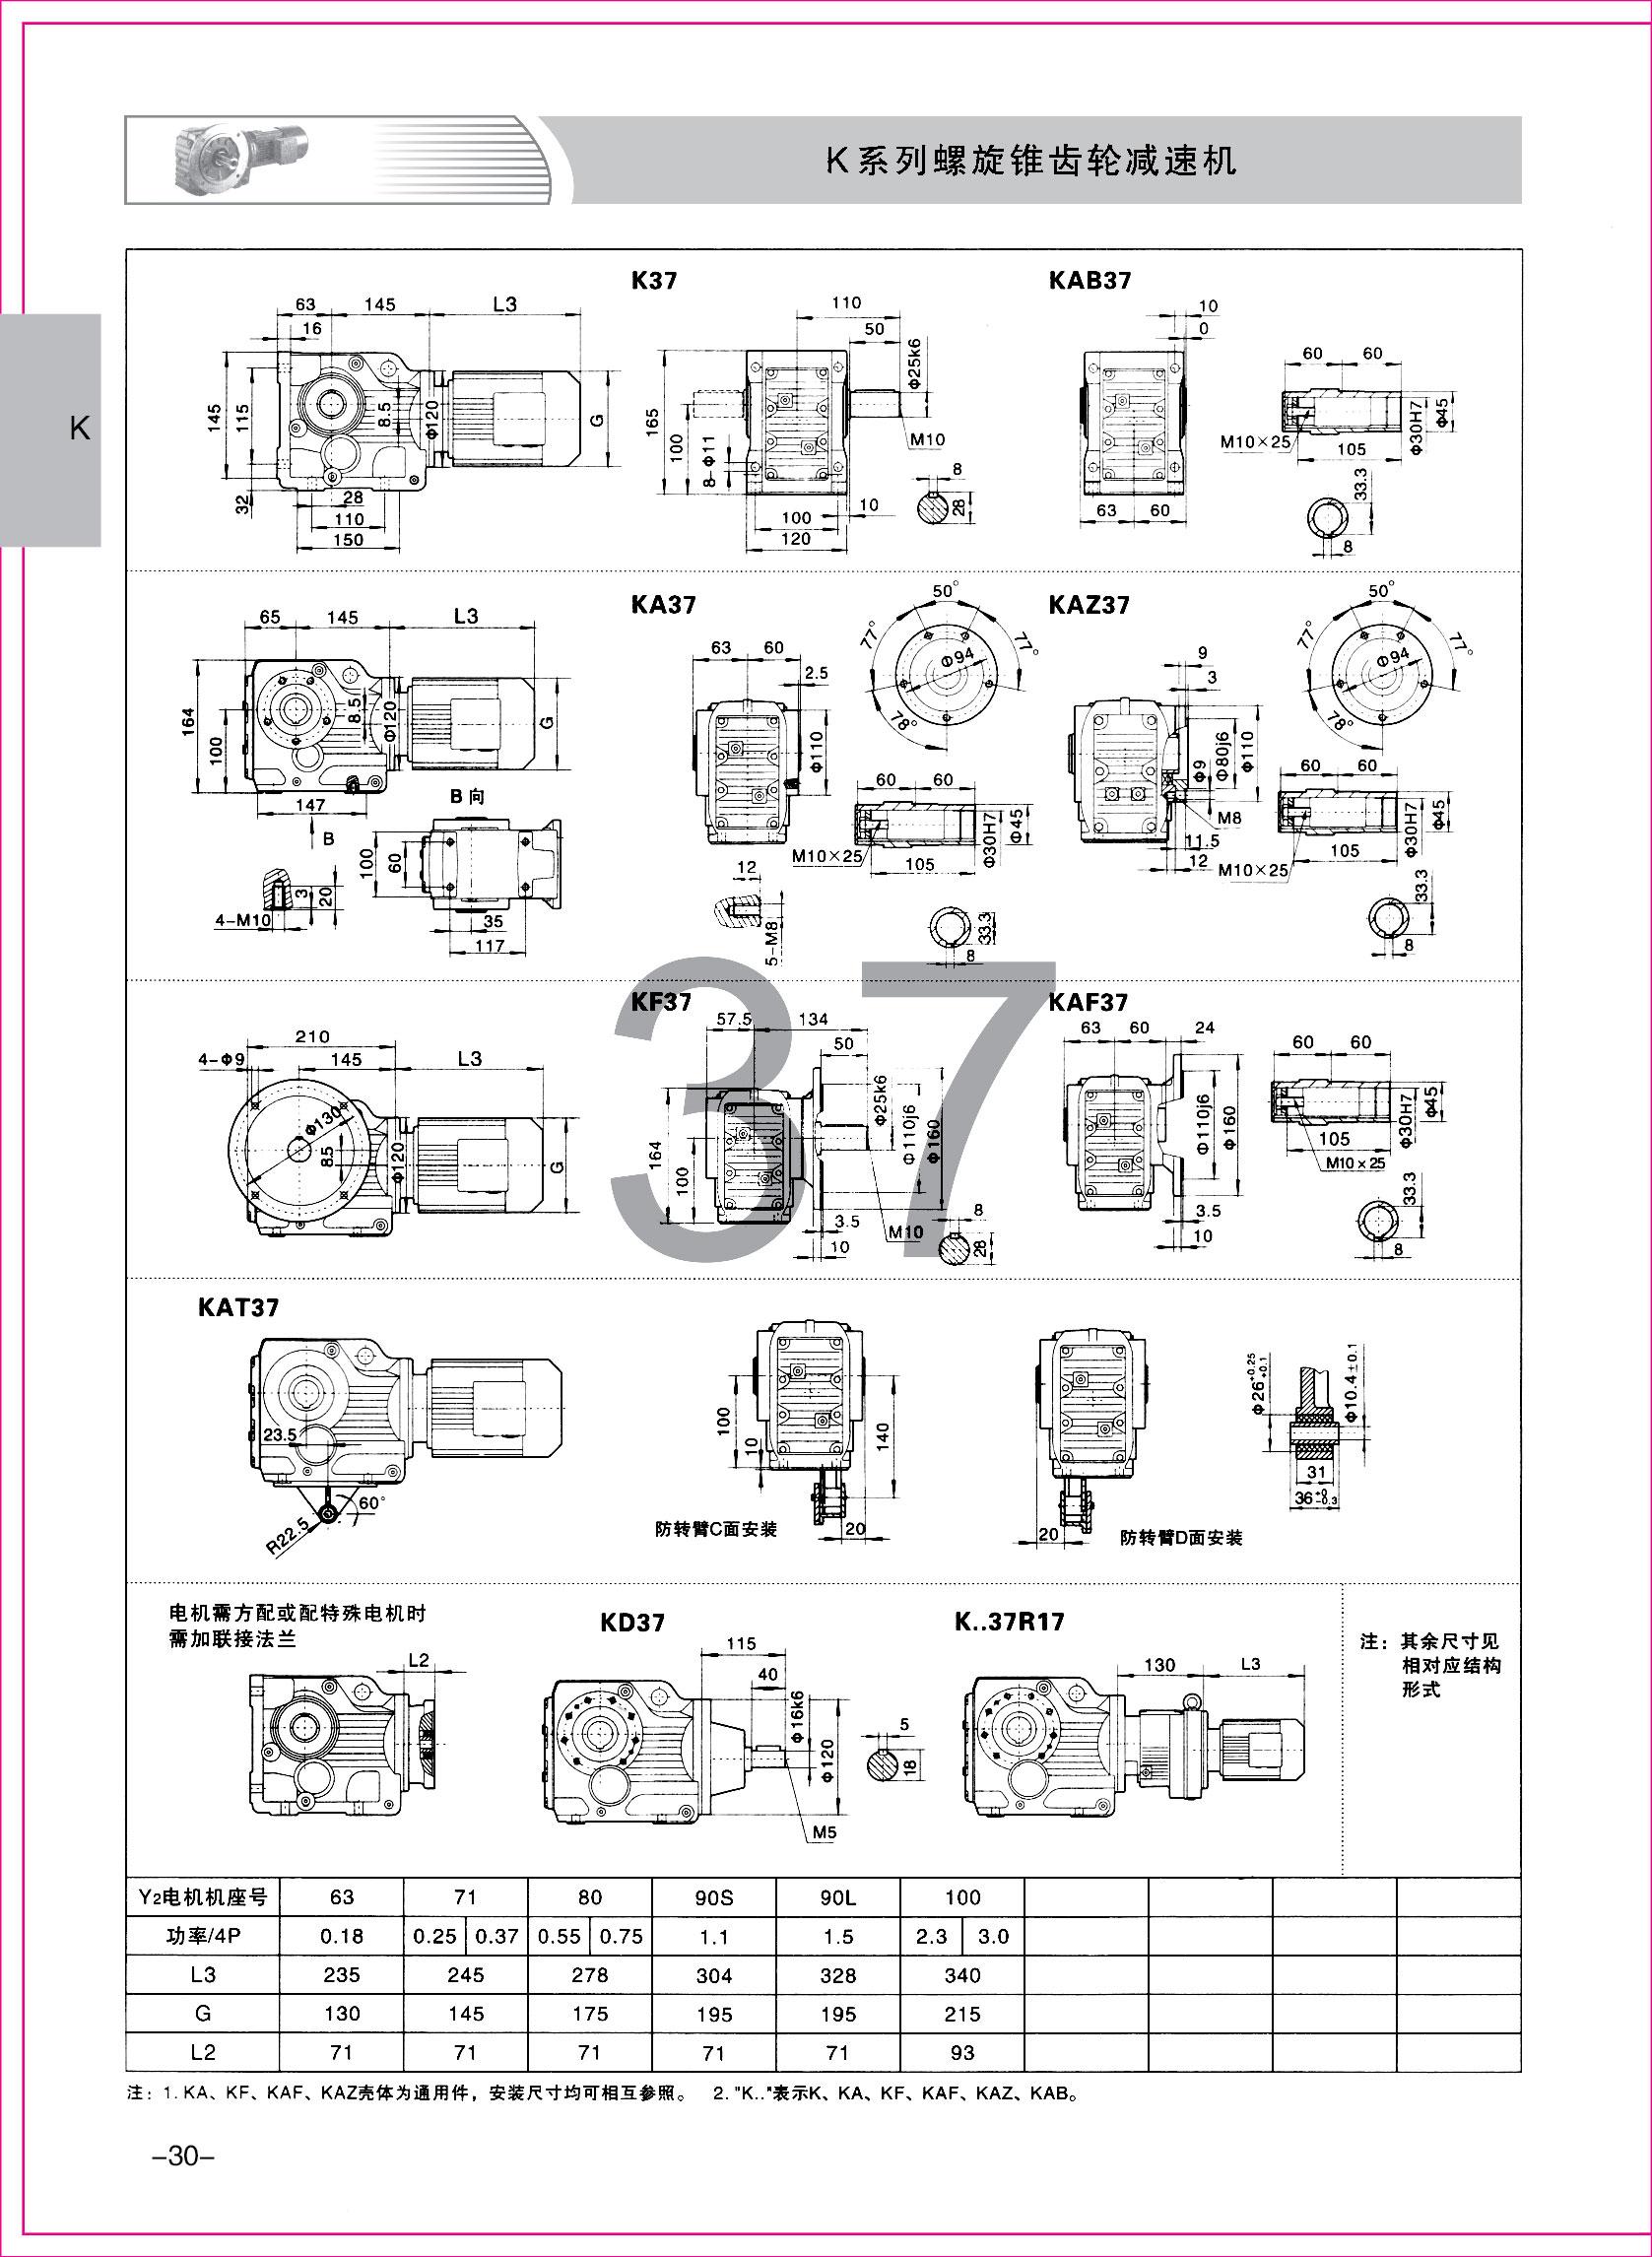 齿轮减速机样本1-1-30.jpg